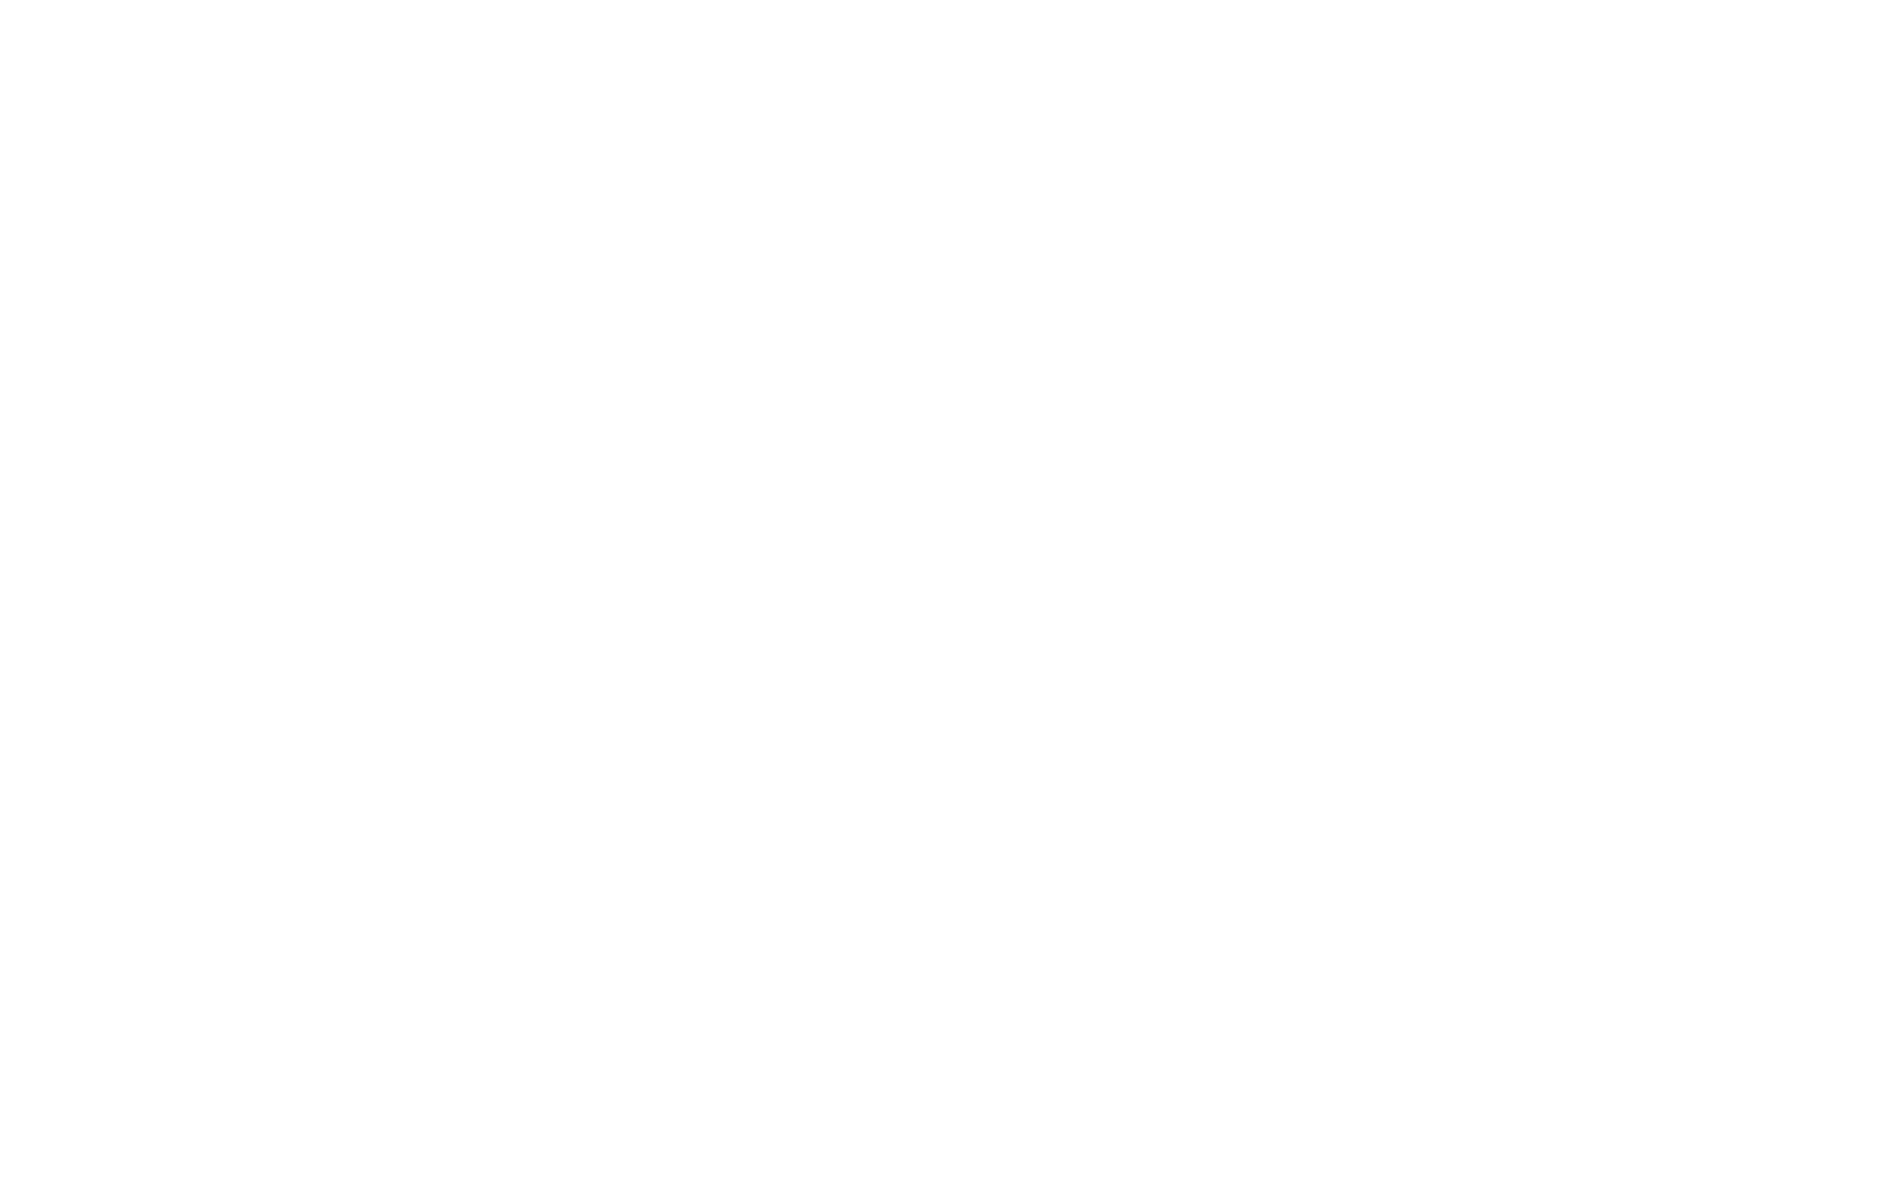 2020 11 18 1200 Protubérance